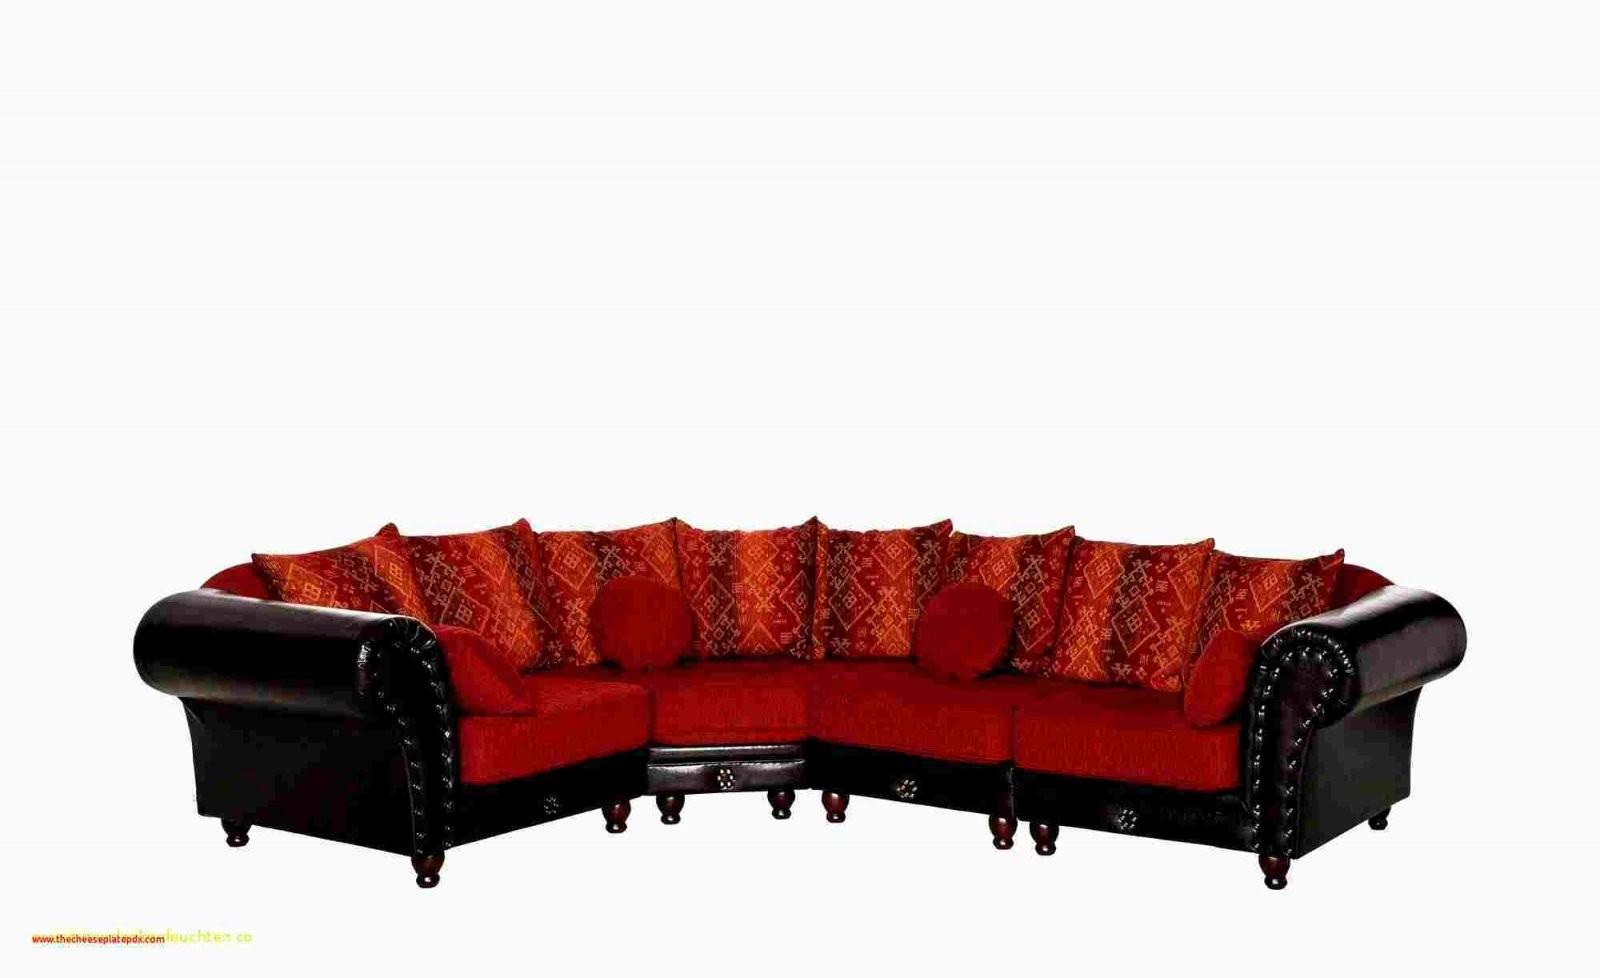 Big Sofa Kolonialstil Awesome Inside Xxl Lutz  Lovecalculator von Big Sofa Xxl Lutz Bild